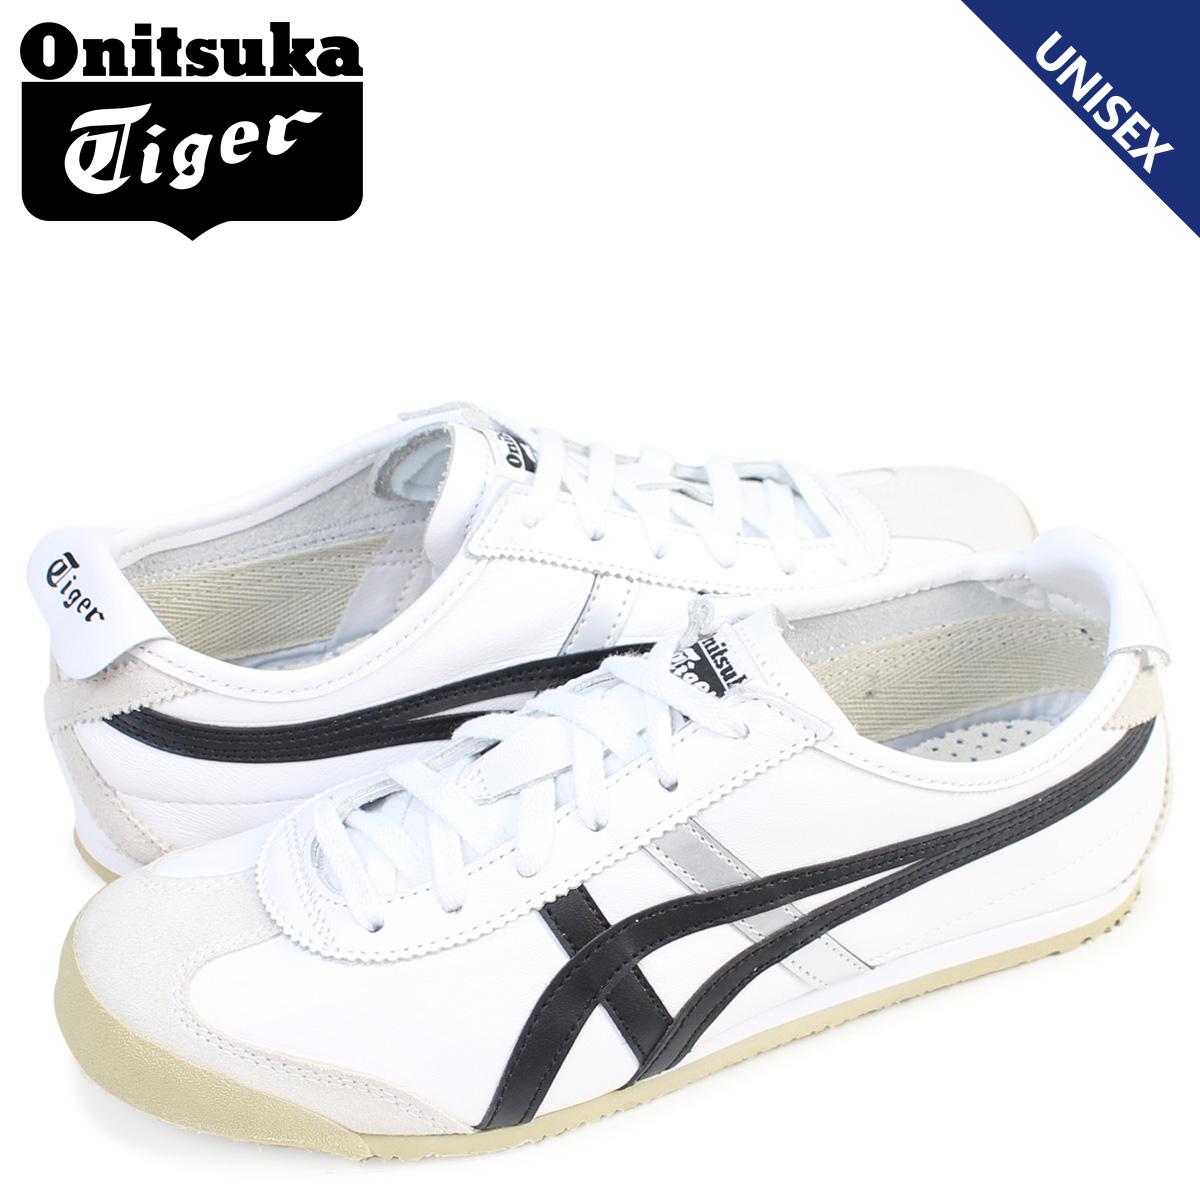 Onitsuka Tiger メキシコ 66 オニツカタイガー MEXICO 66 メンズ レディース スニーカー DL408-0190 靴 ホワイト 白 [3/2 再入荷]